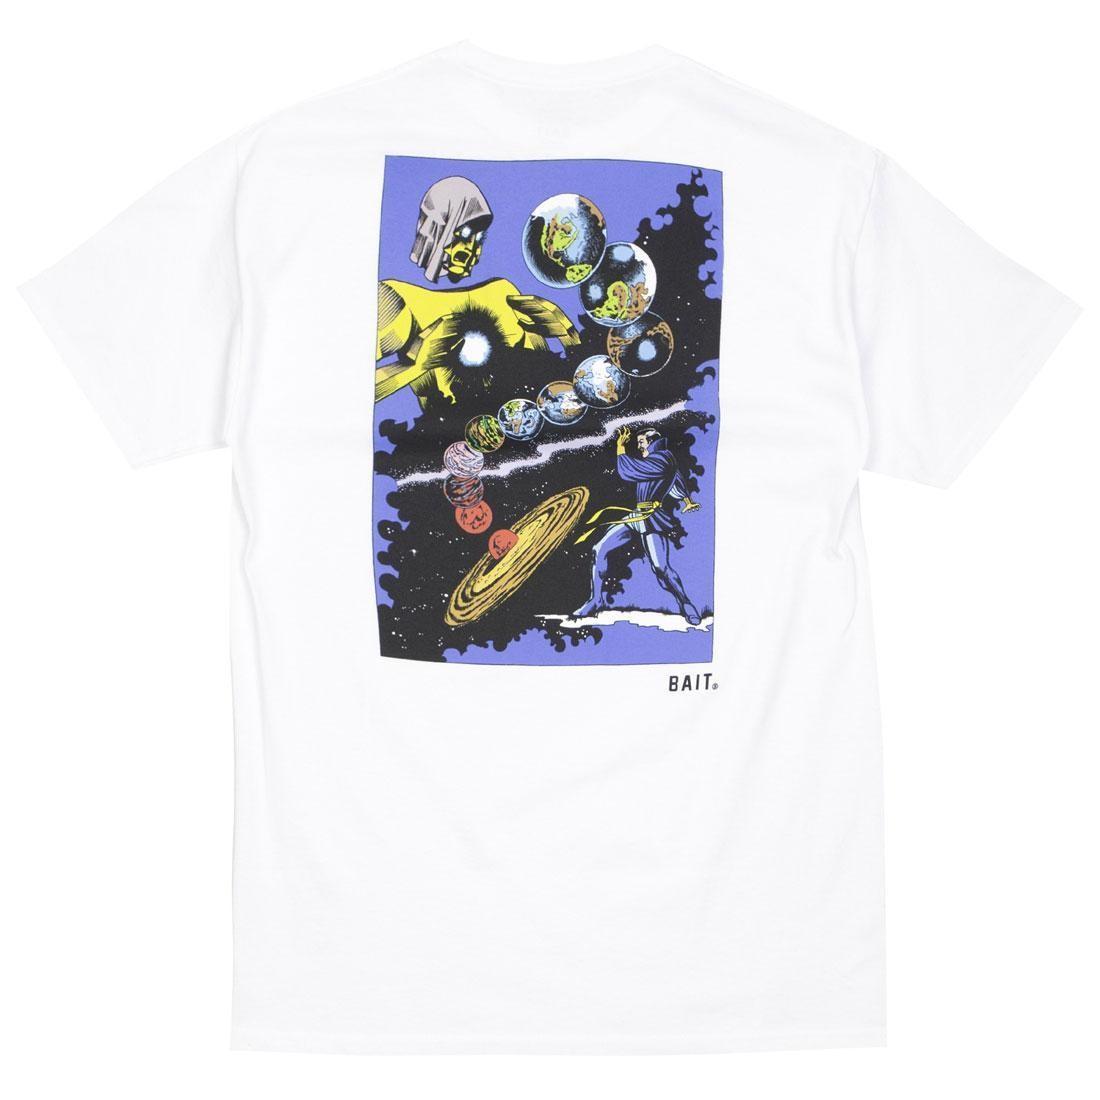 ベイト BAIT コミックス Tシャツ 白 ホワイト 【 WHITE BAIT X MARVEL COMICS MEN DR STRANGE TEE 】 メンズファッション トップス Tシャツ カットソー